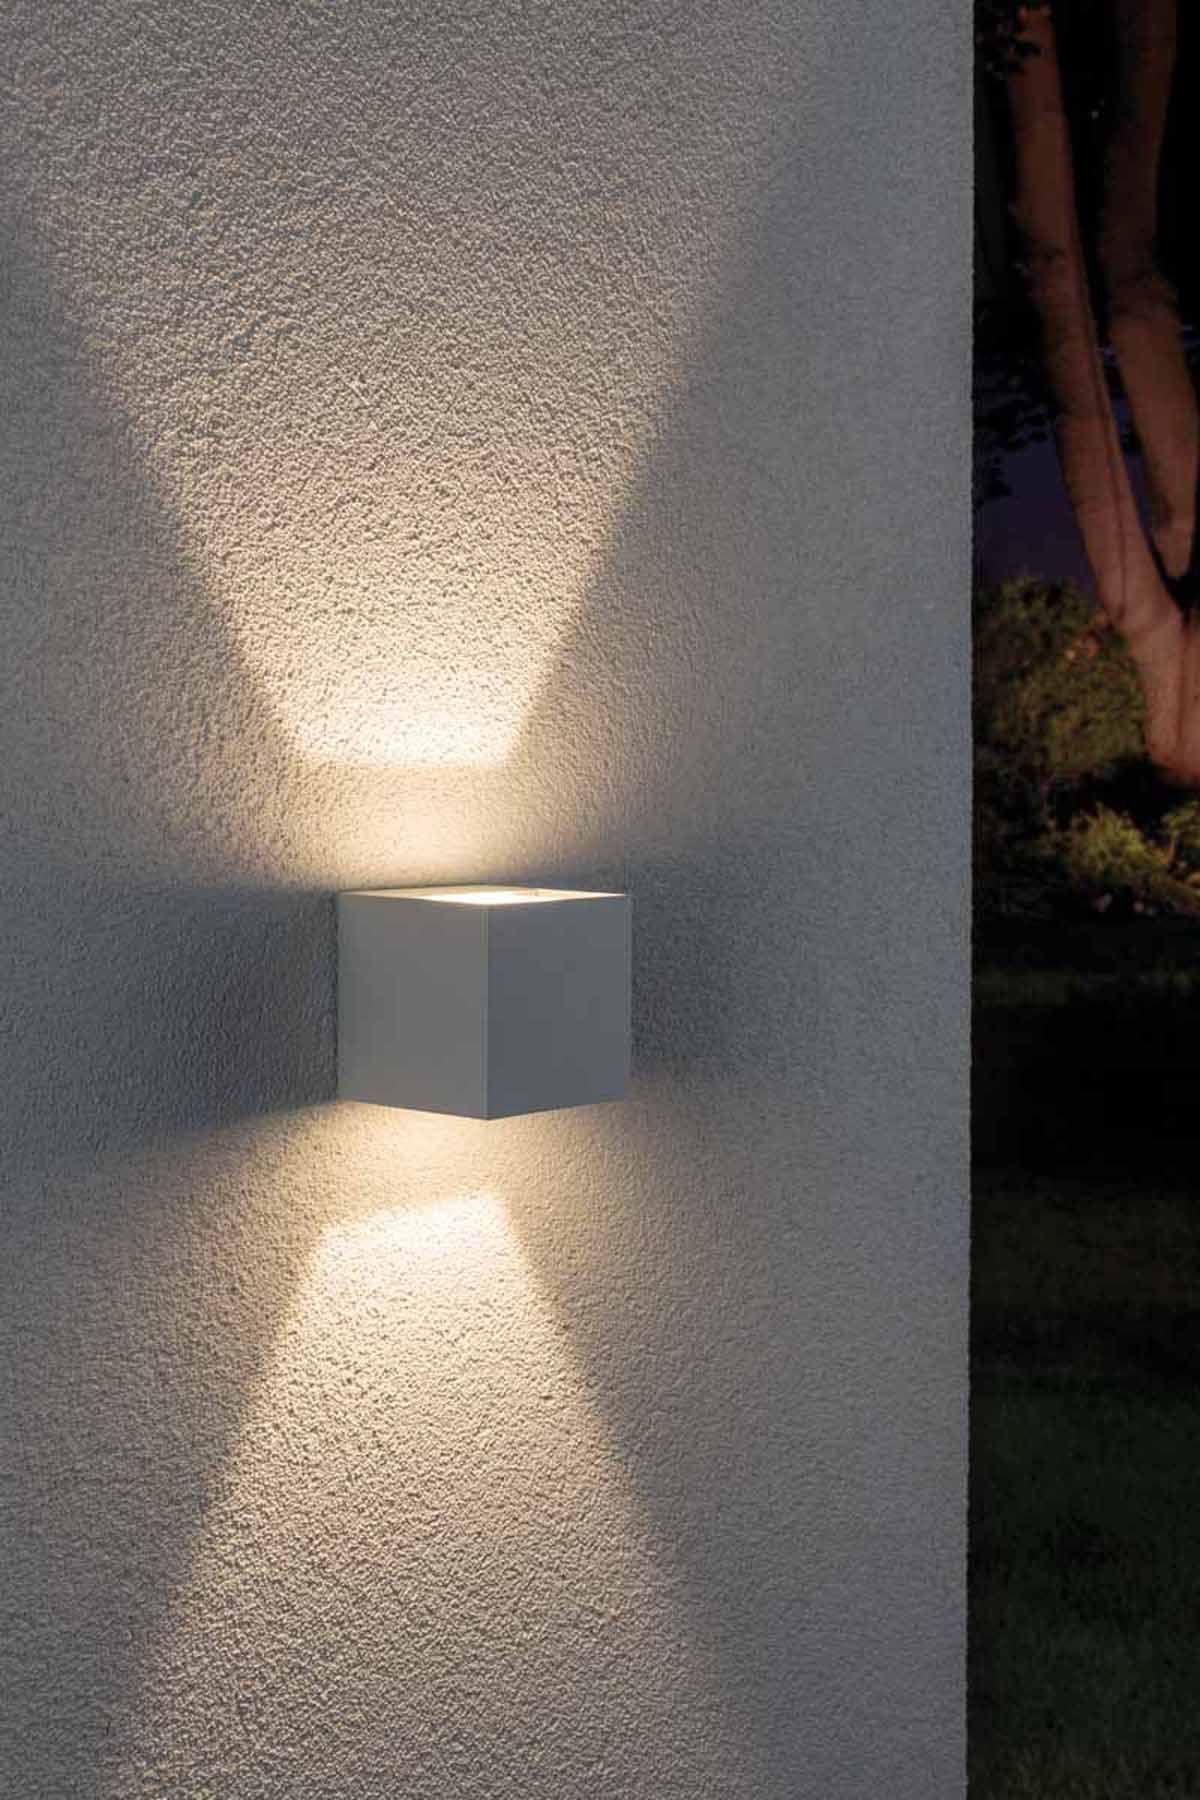 Wandaufbauleuchte Cybo Weiss 8x8cm Kaufen Aussenleuchten Beleuchtung Balkon Beleuchtung